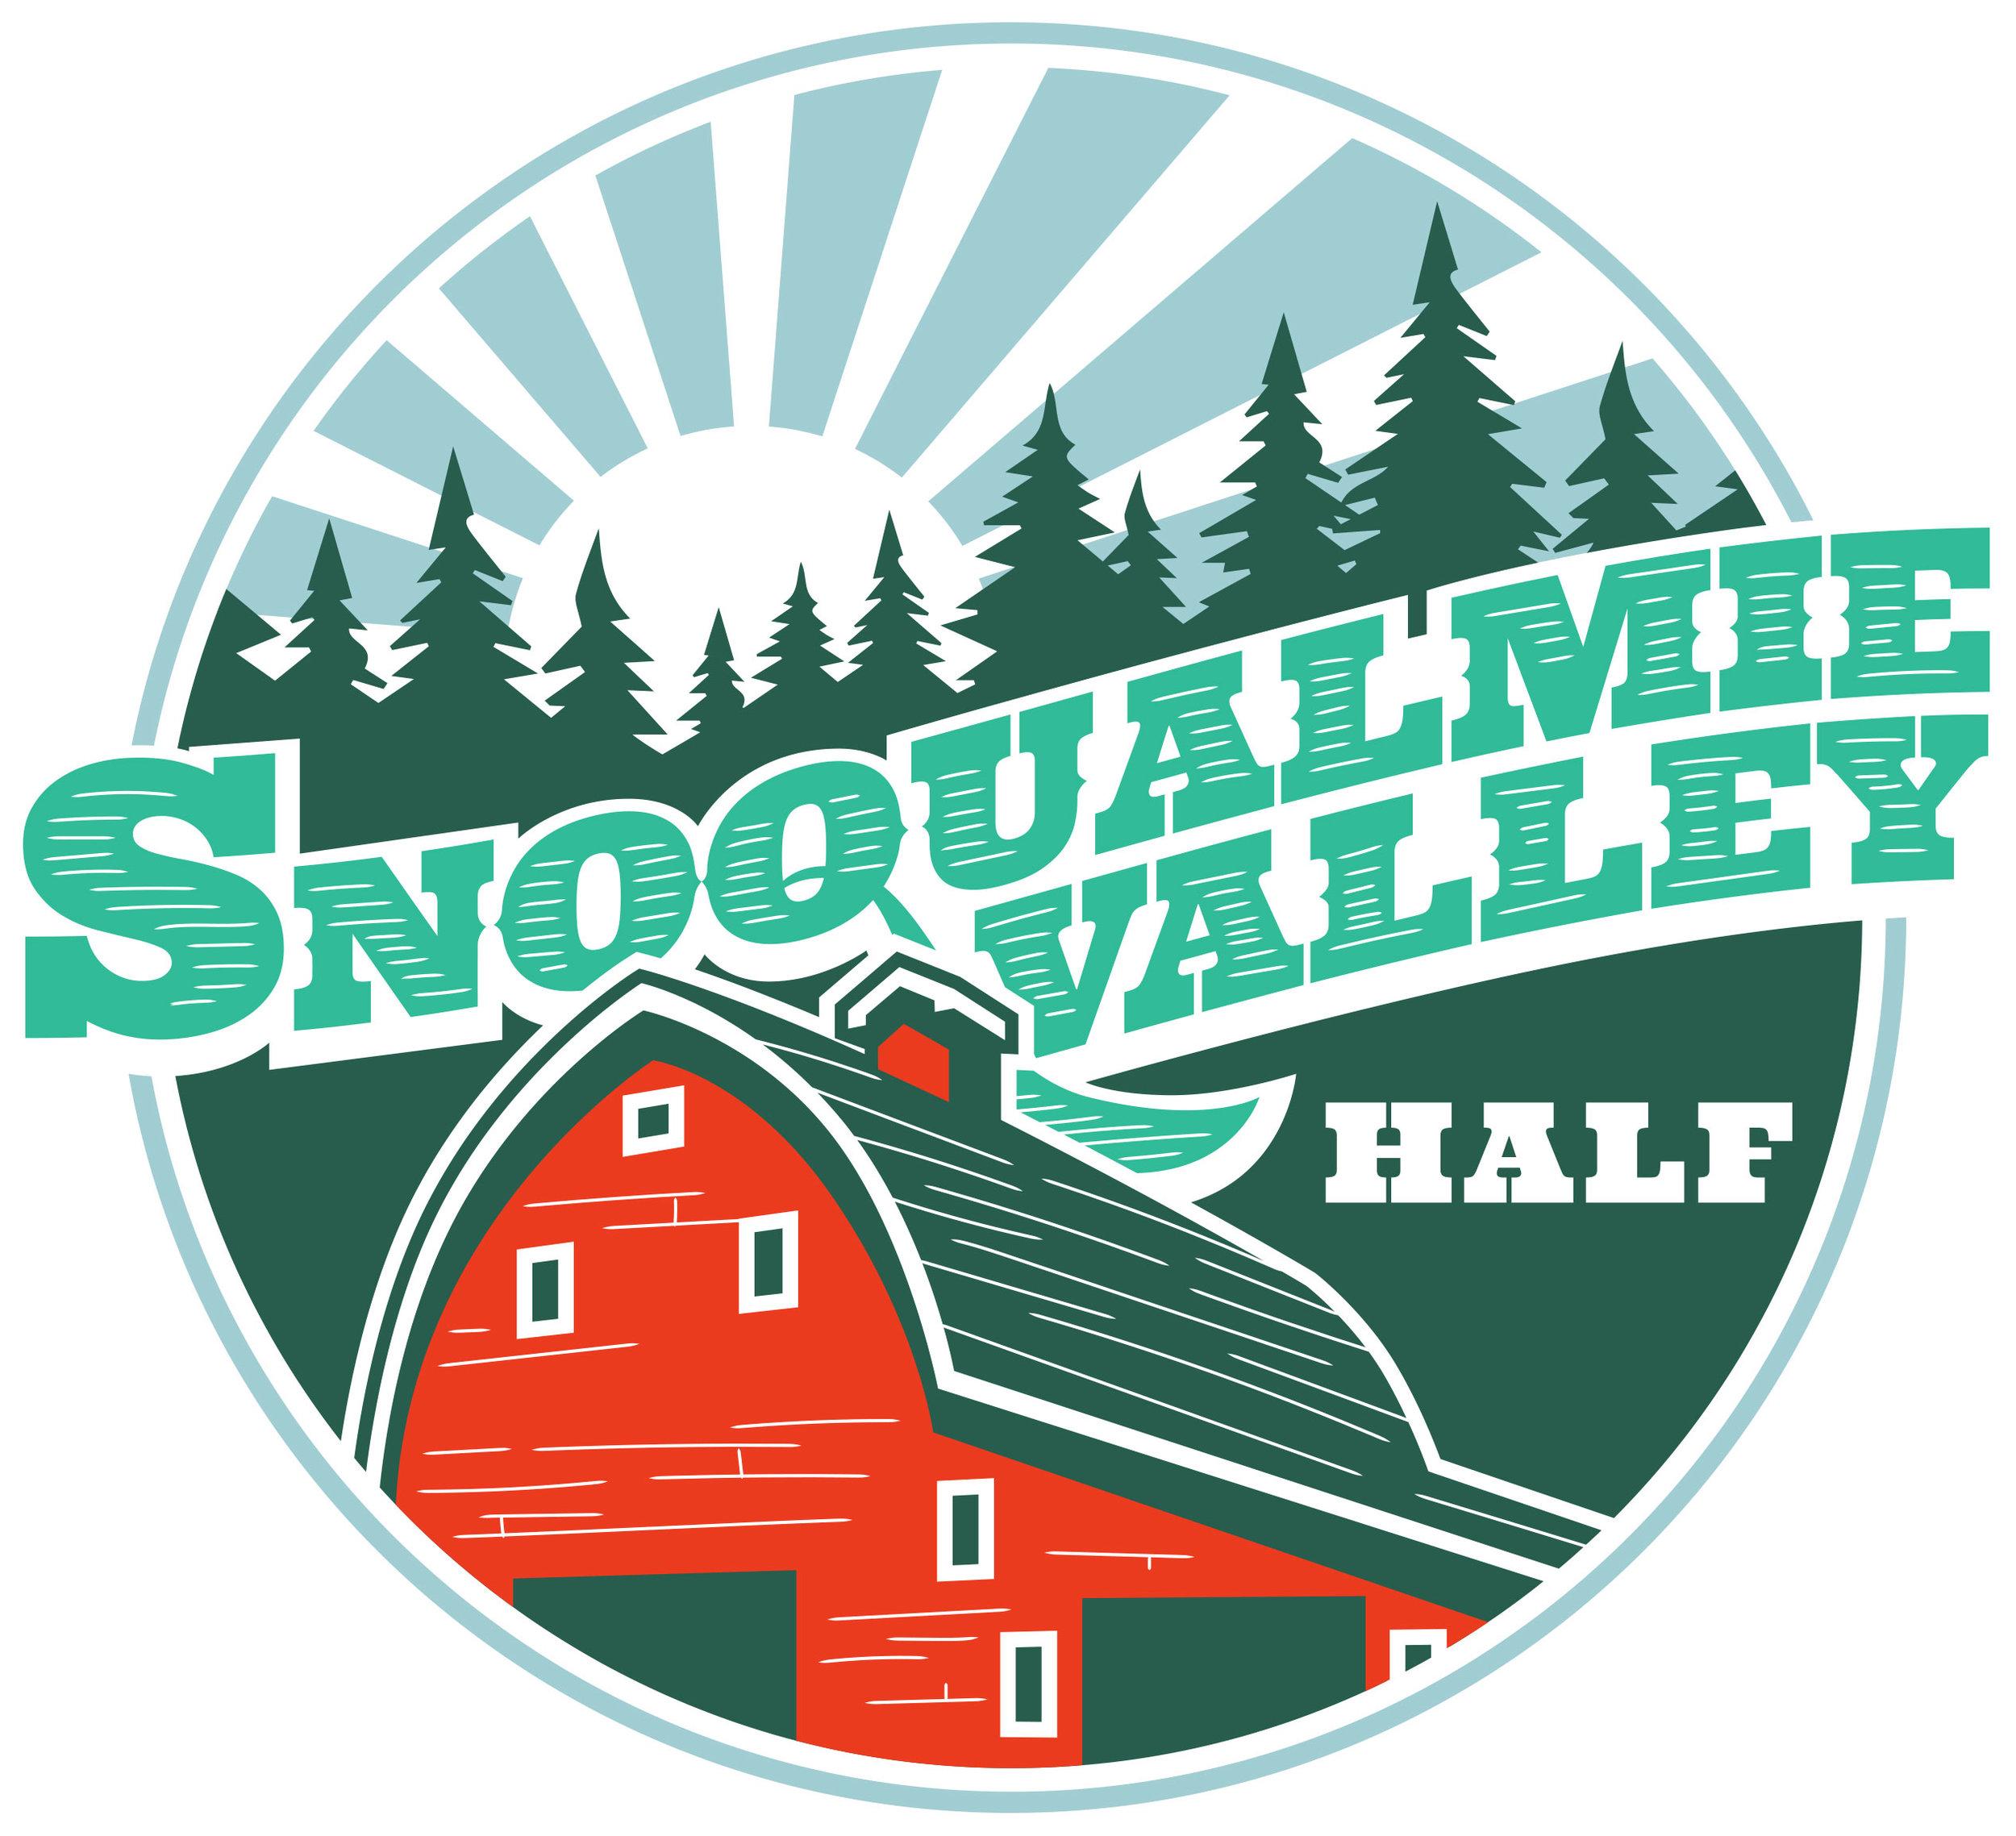 sno-valley-half-logo-color.jpg